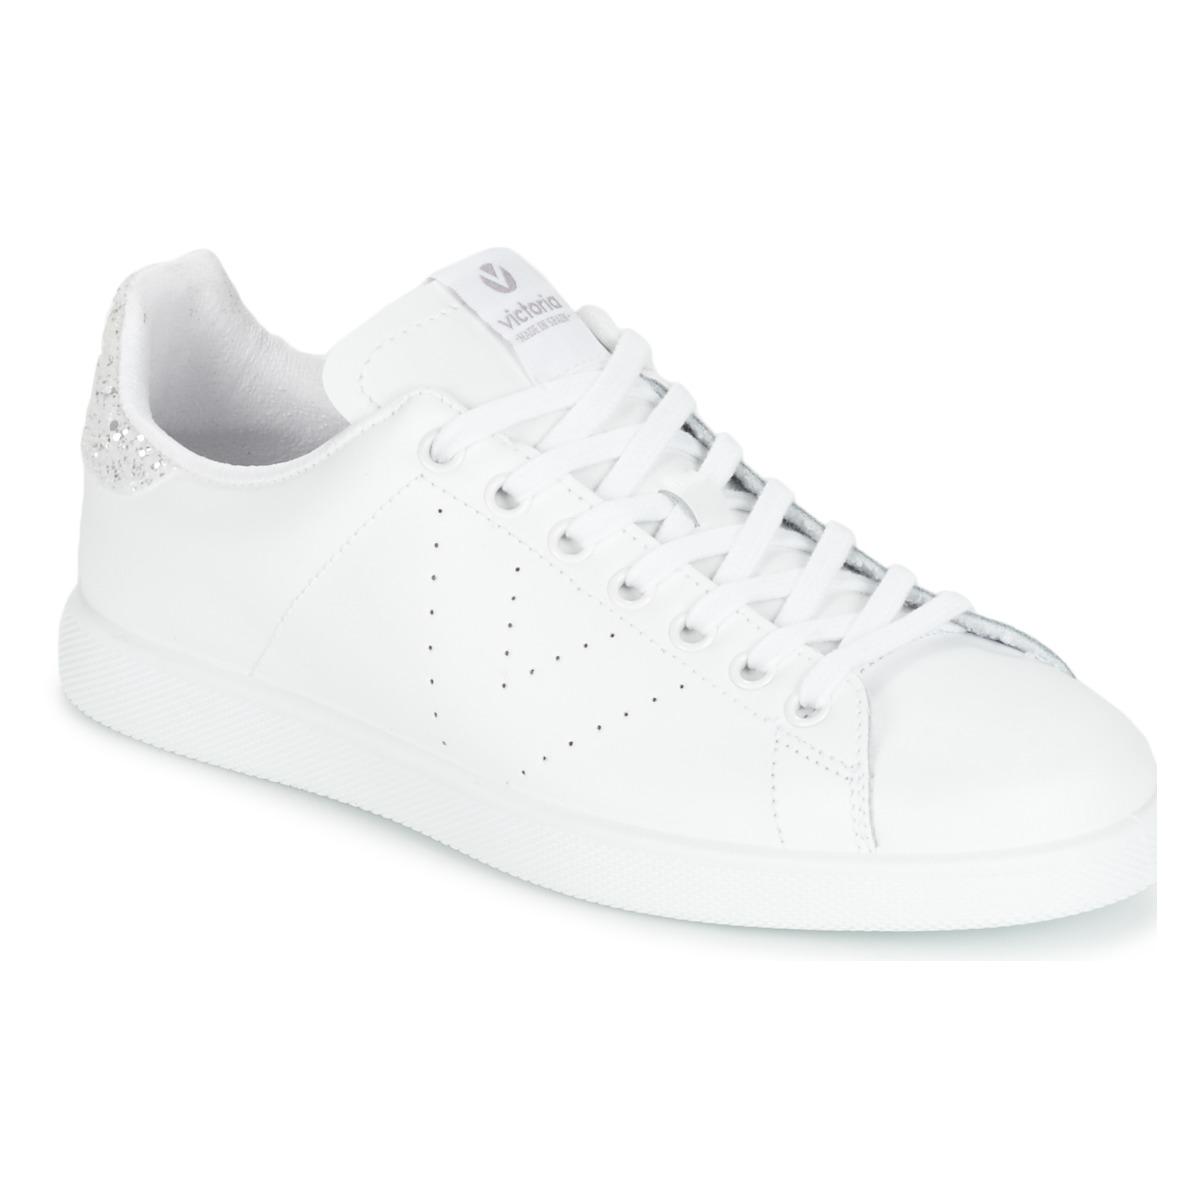 a00da3033ace Chaussures Femme Baskets basses Victoria DEPORTIVO BASKET PIEL Blanc    Argenté